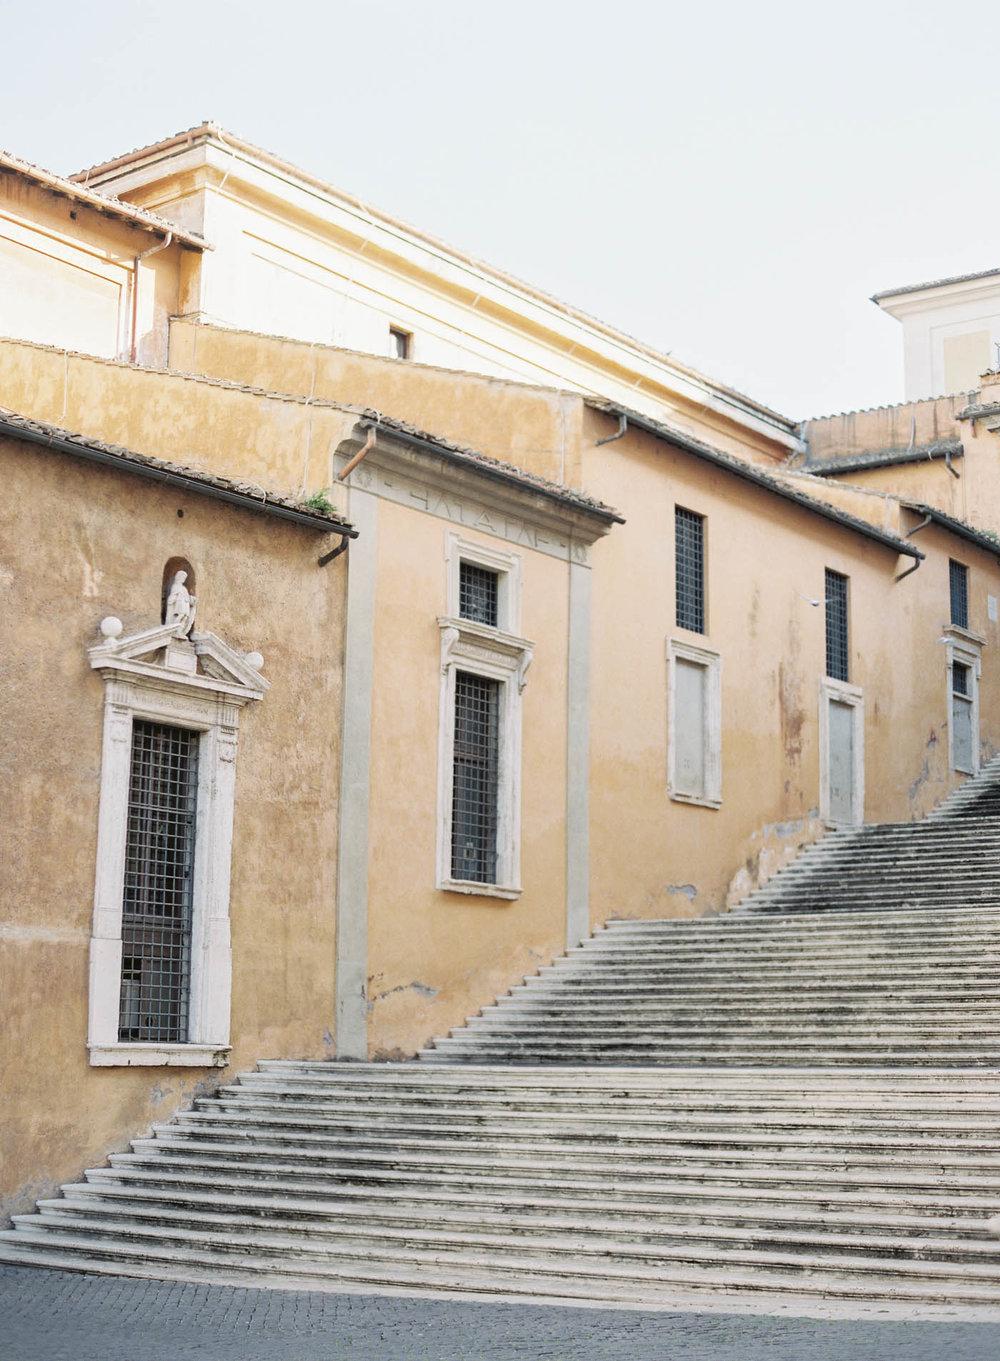 Rome_Travel-9-Jen_Huang-007324-R1-003.jpg